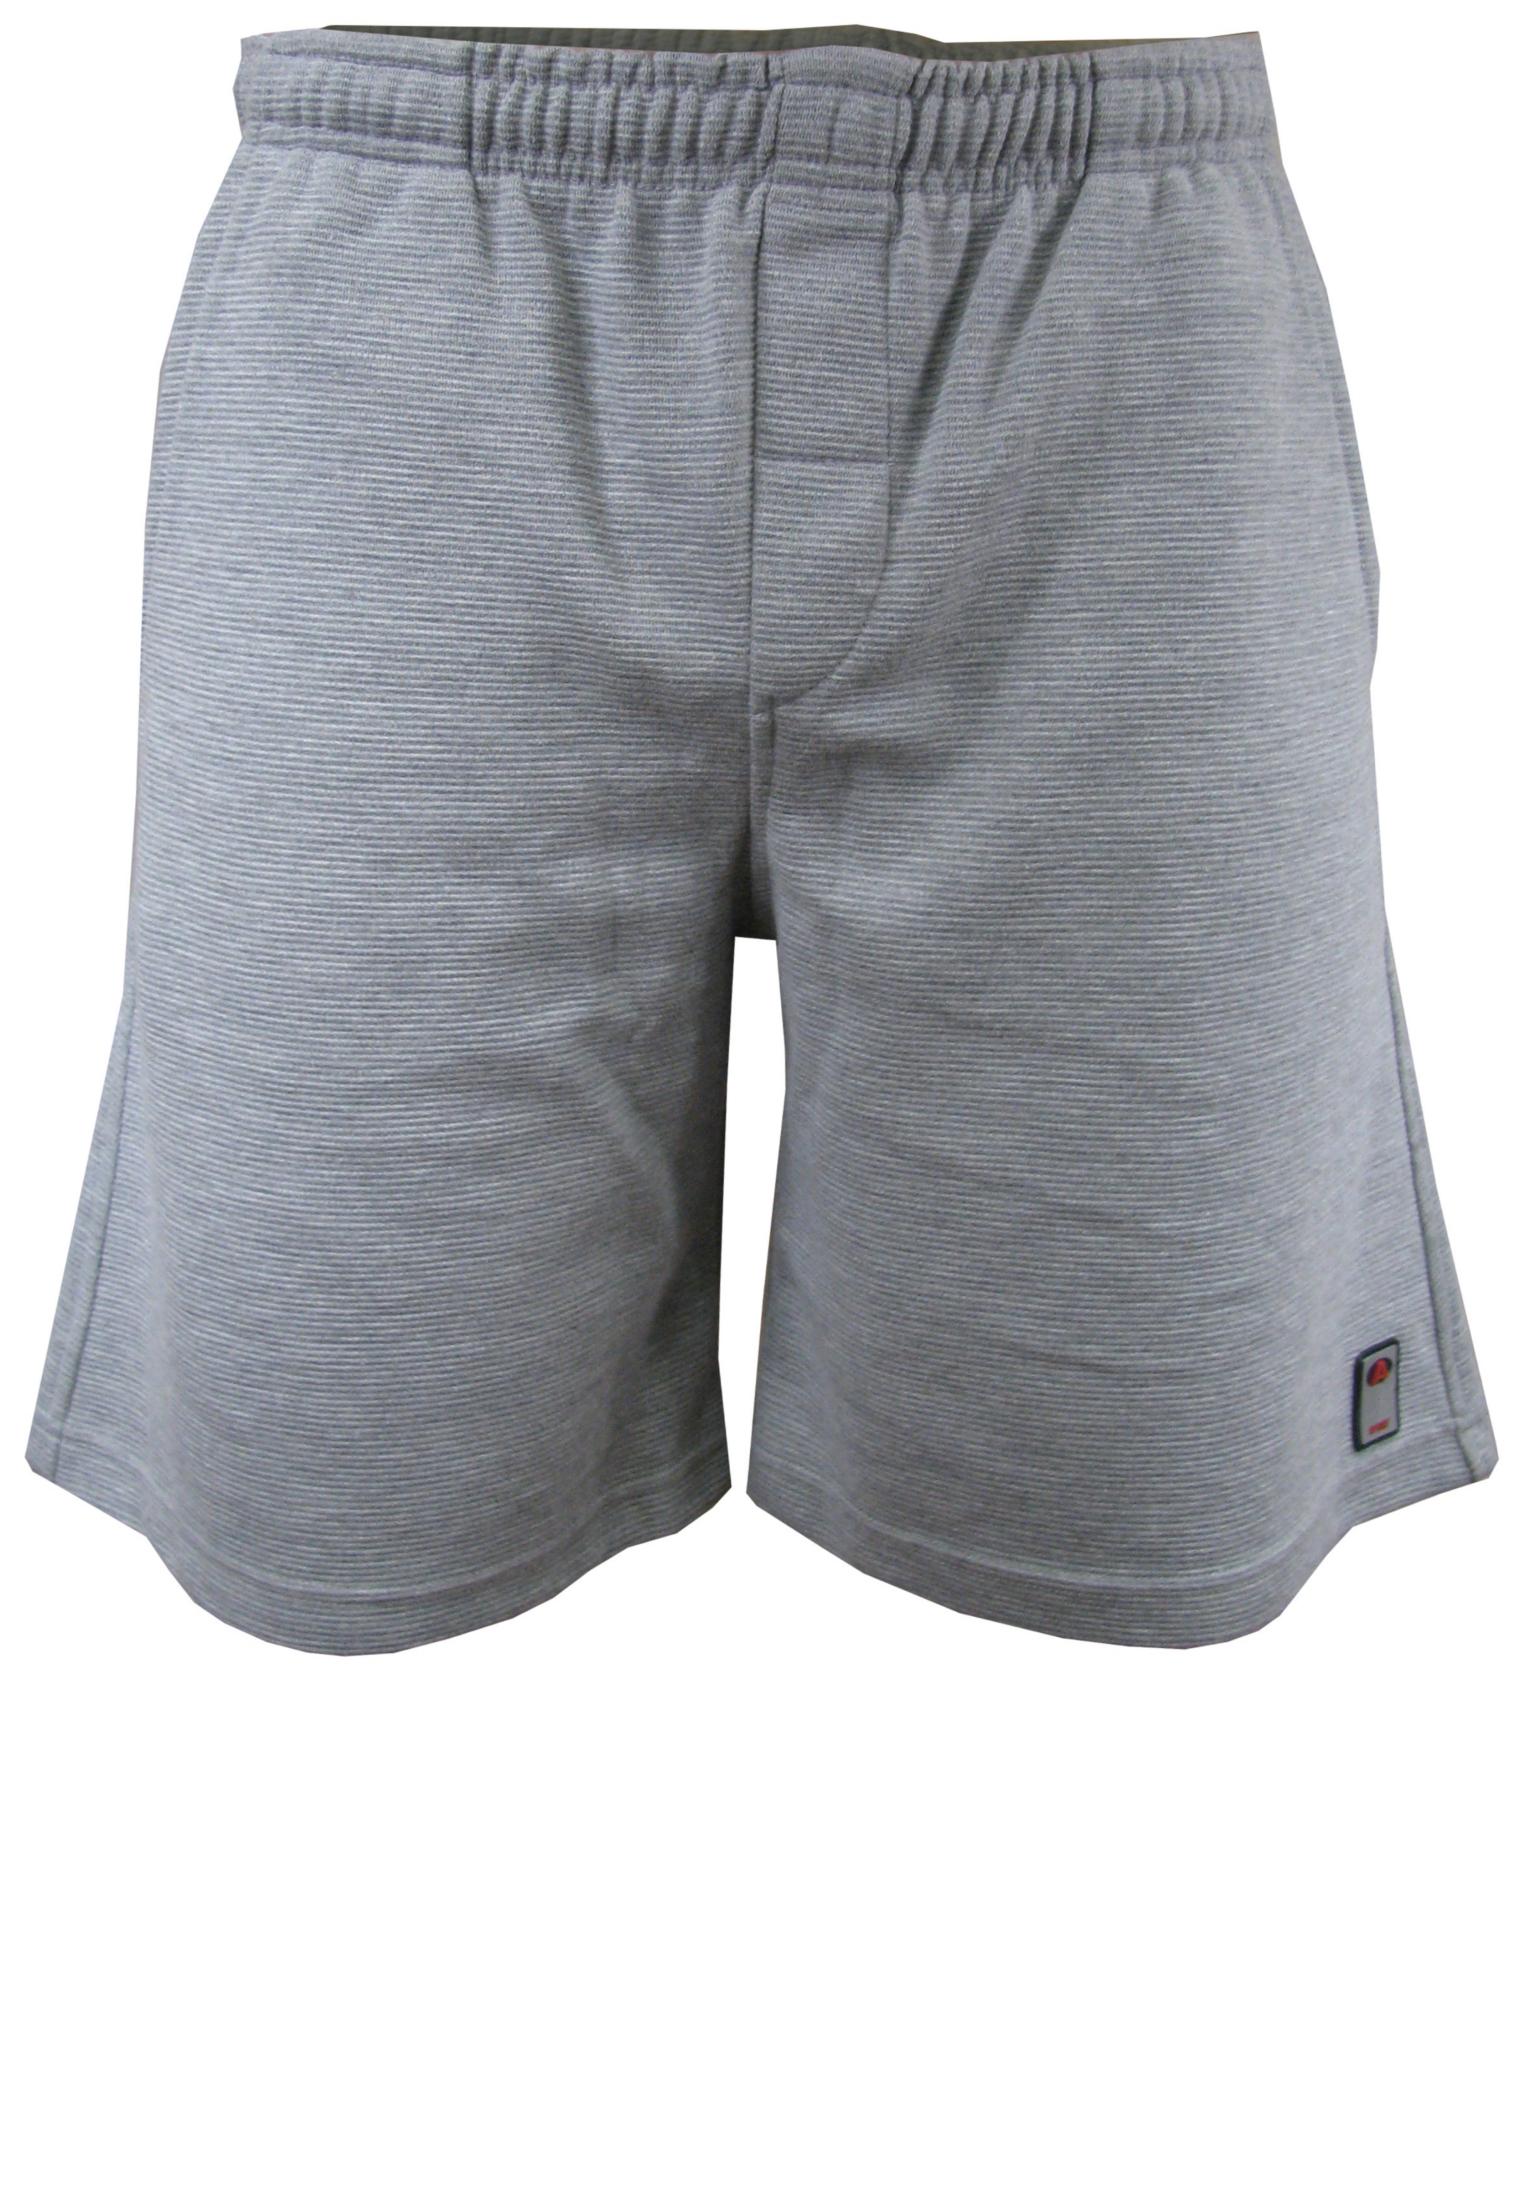 De broek draagt zeer comfortabel doordat deze gemaakt is van een dikke joggingstof. De joggingbroek is voorzien van een elastische tailleband en heeft een zak aan de achterzijde.